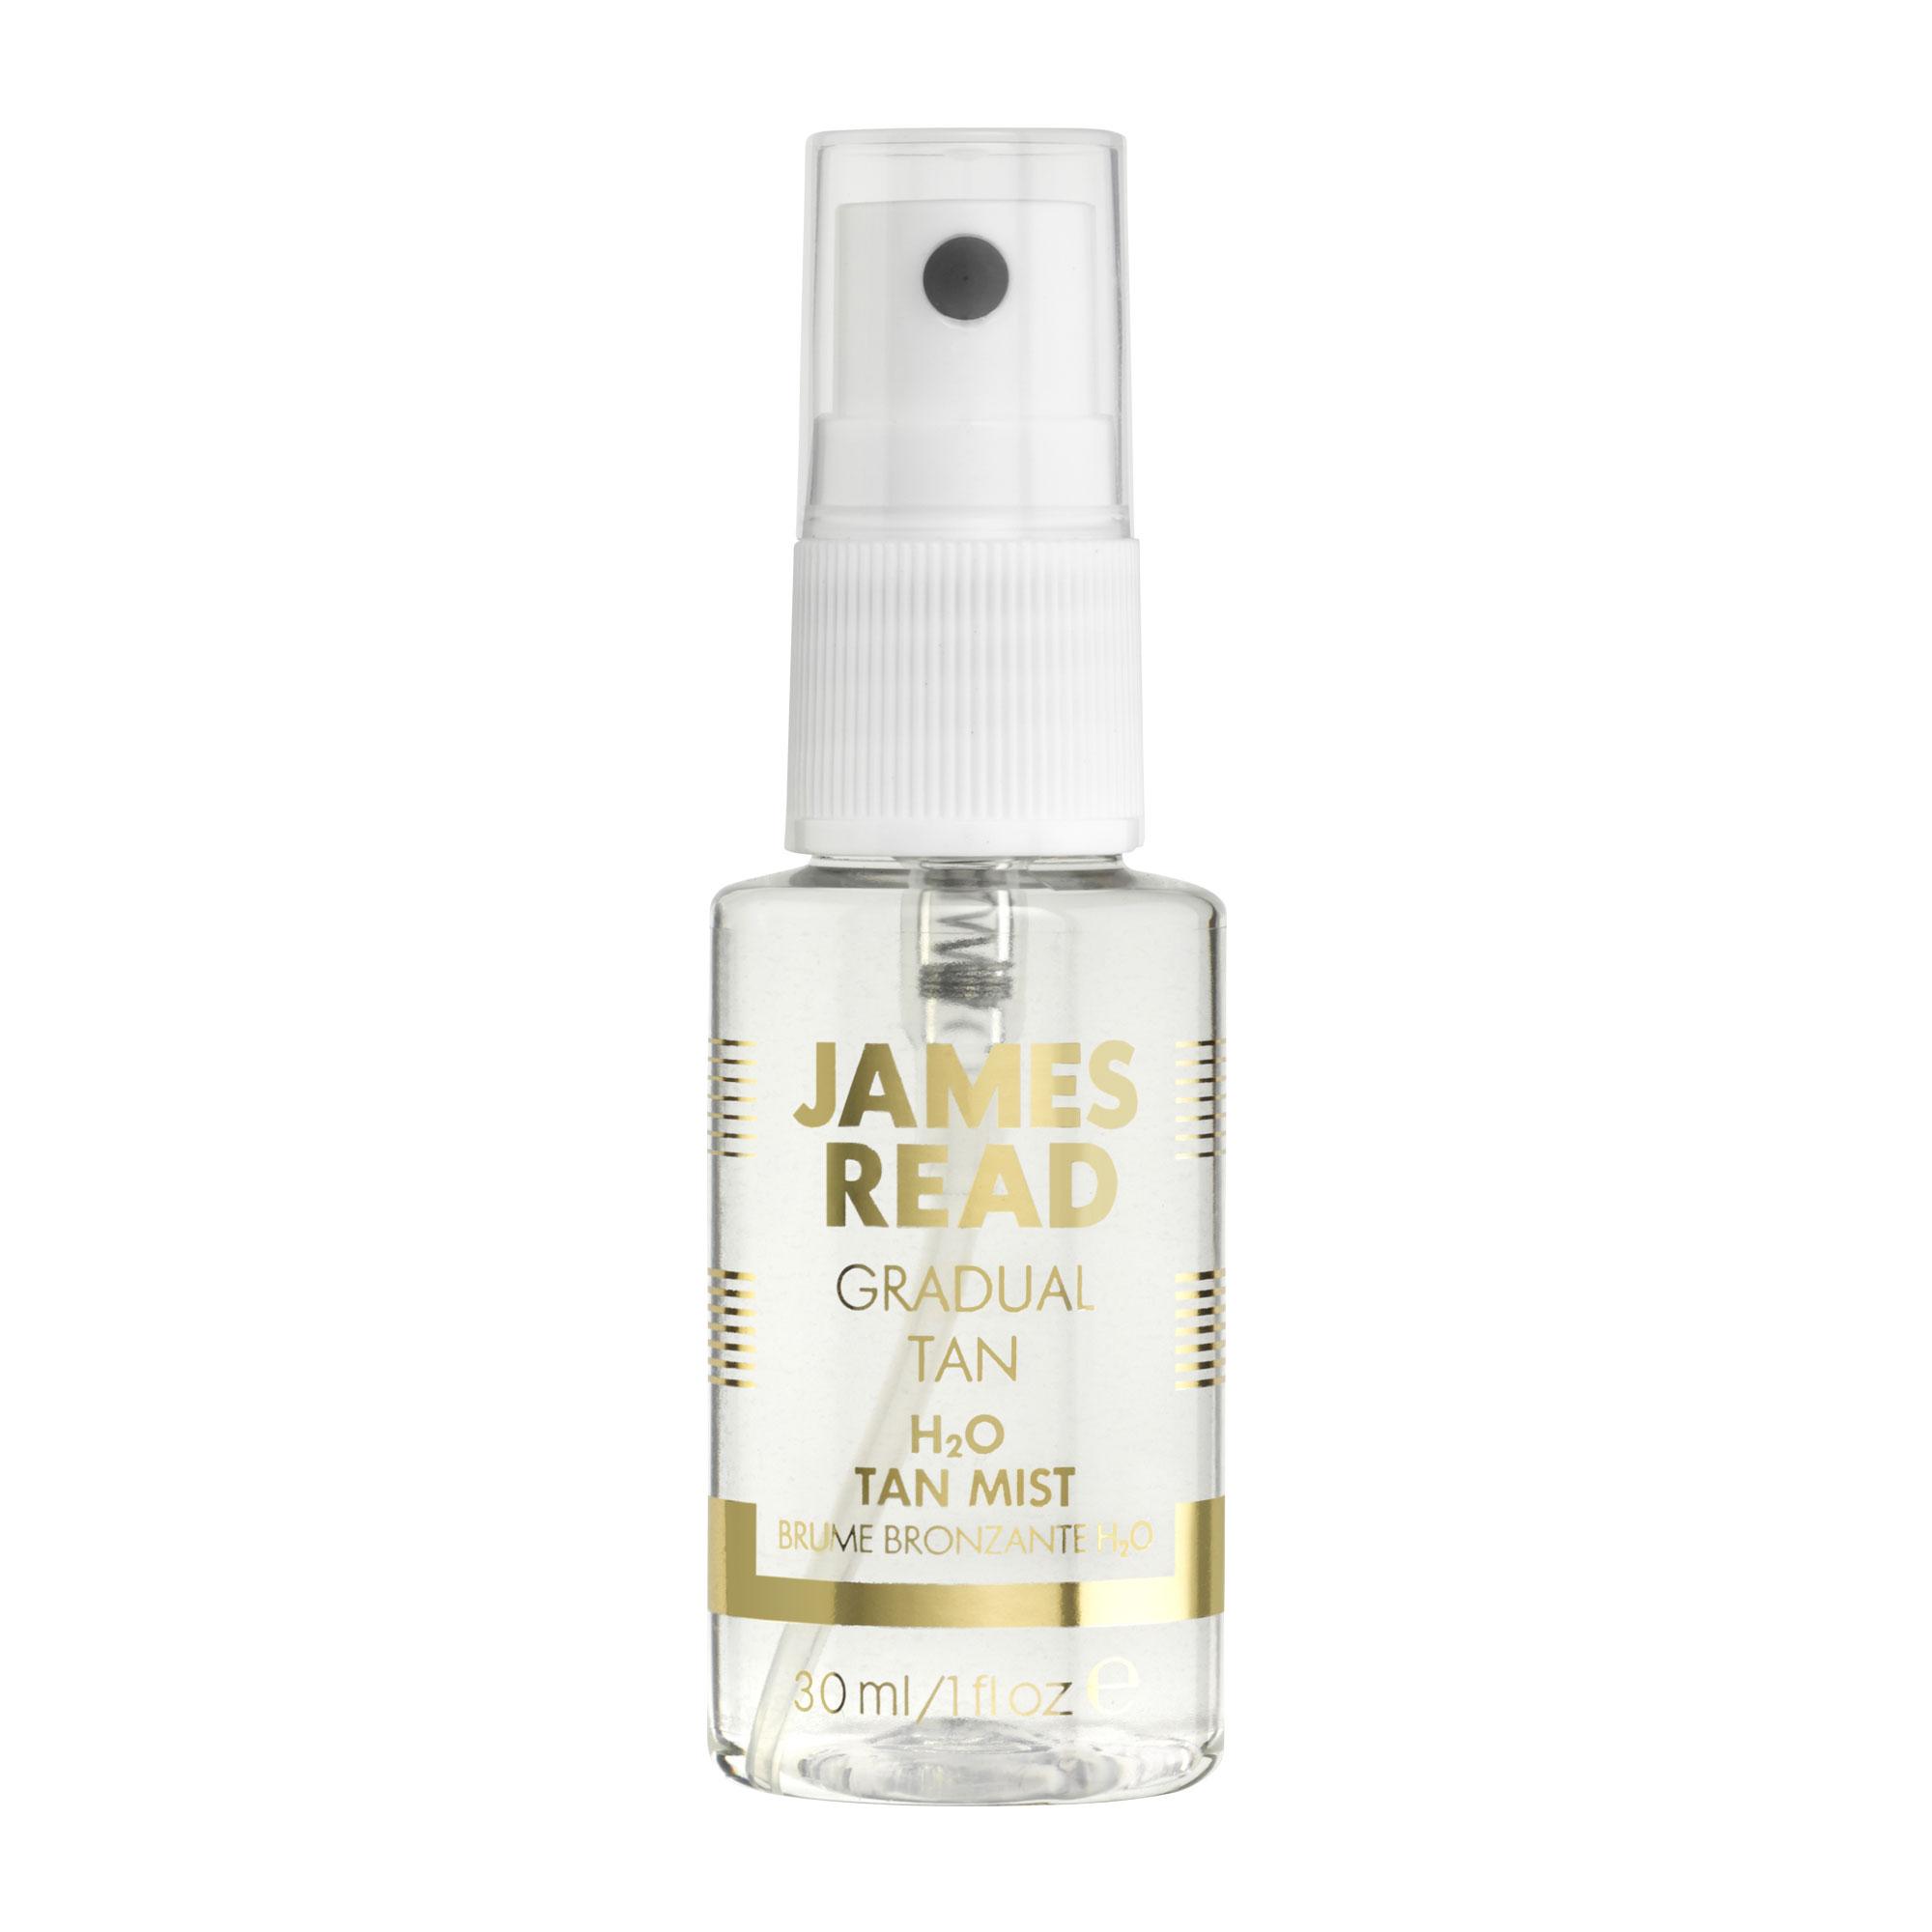 James Read H2O Face Tan Mist, 30 ml